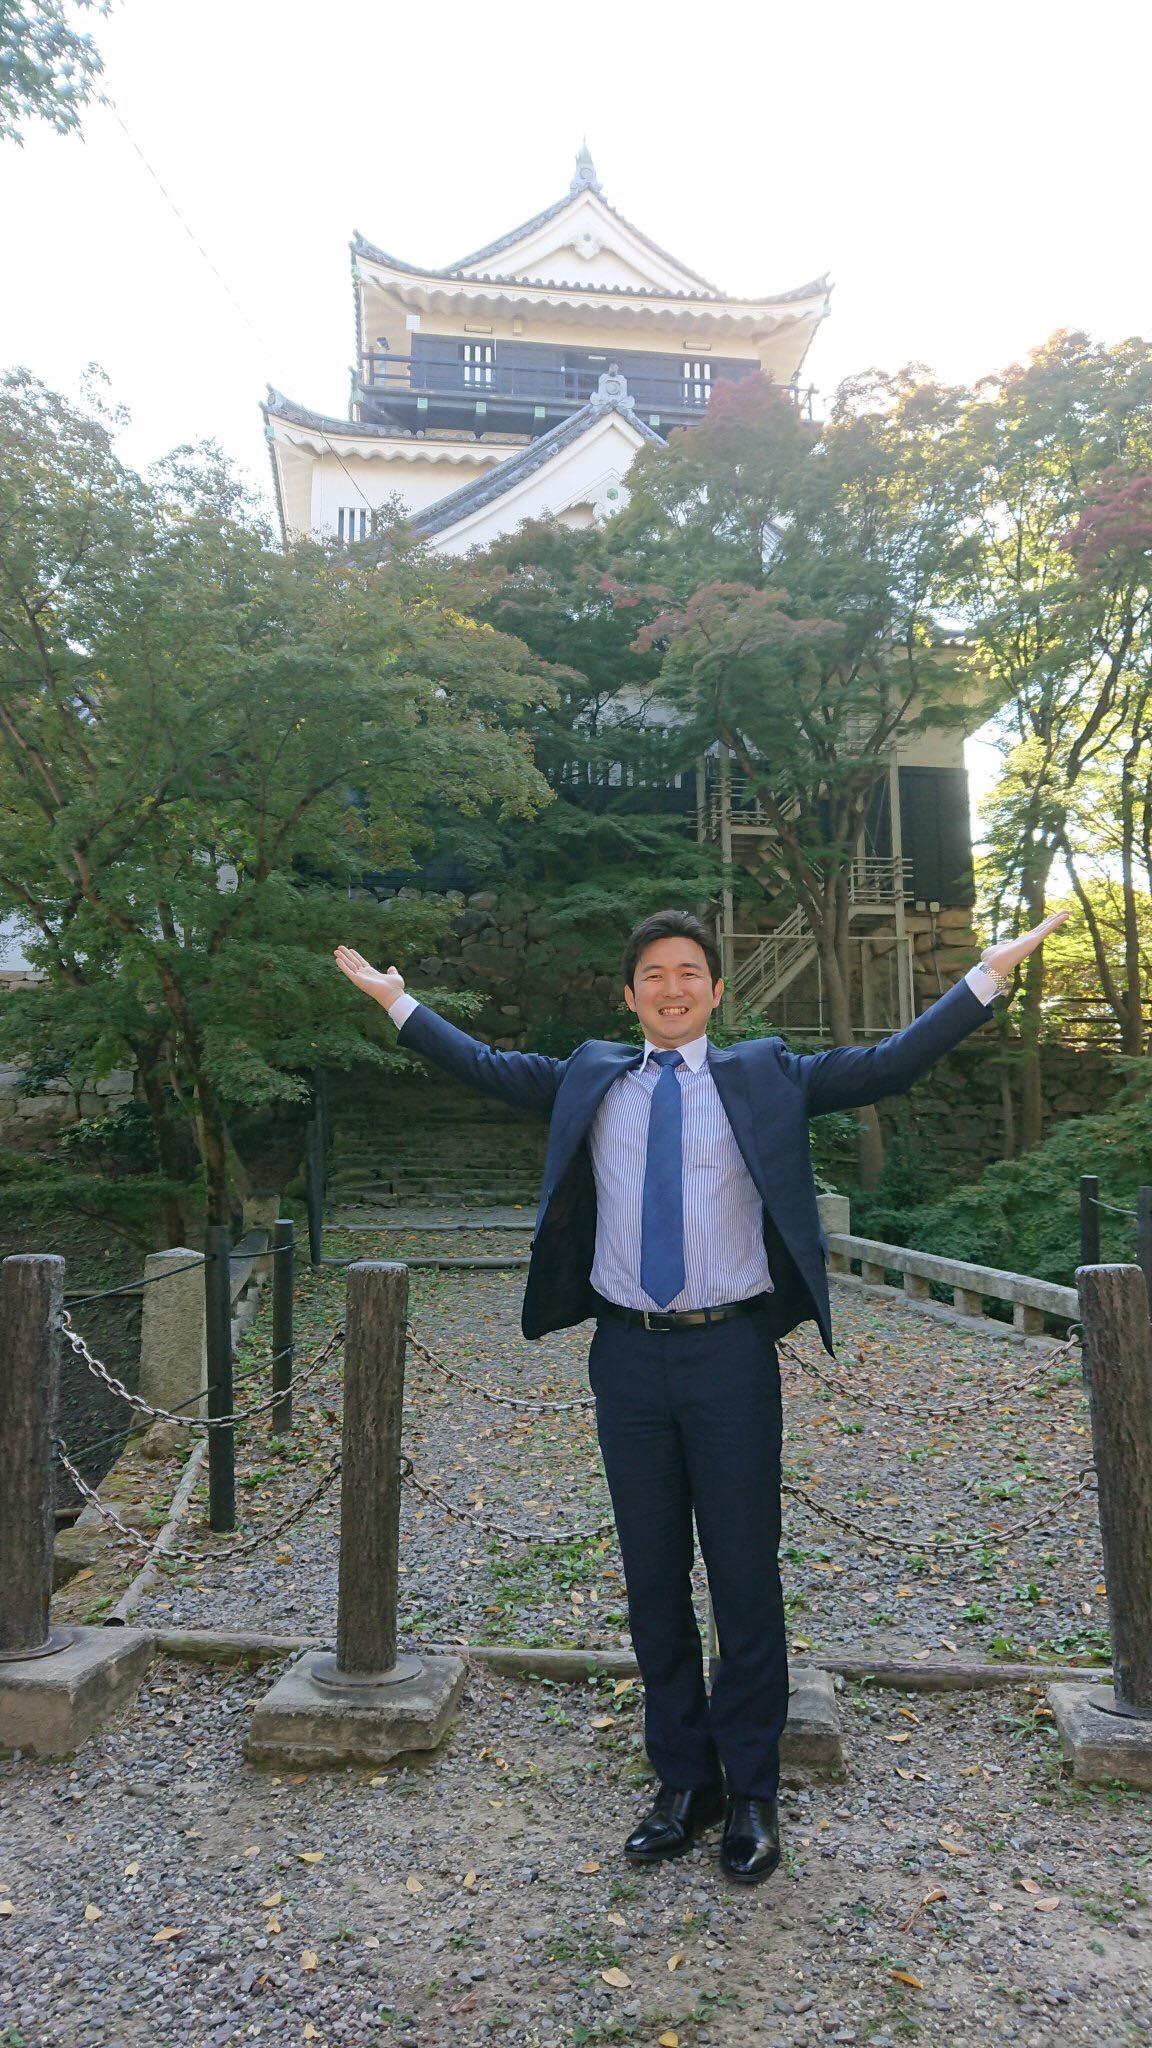 岡崎のビスタラインをご存知ですか?